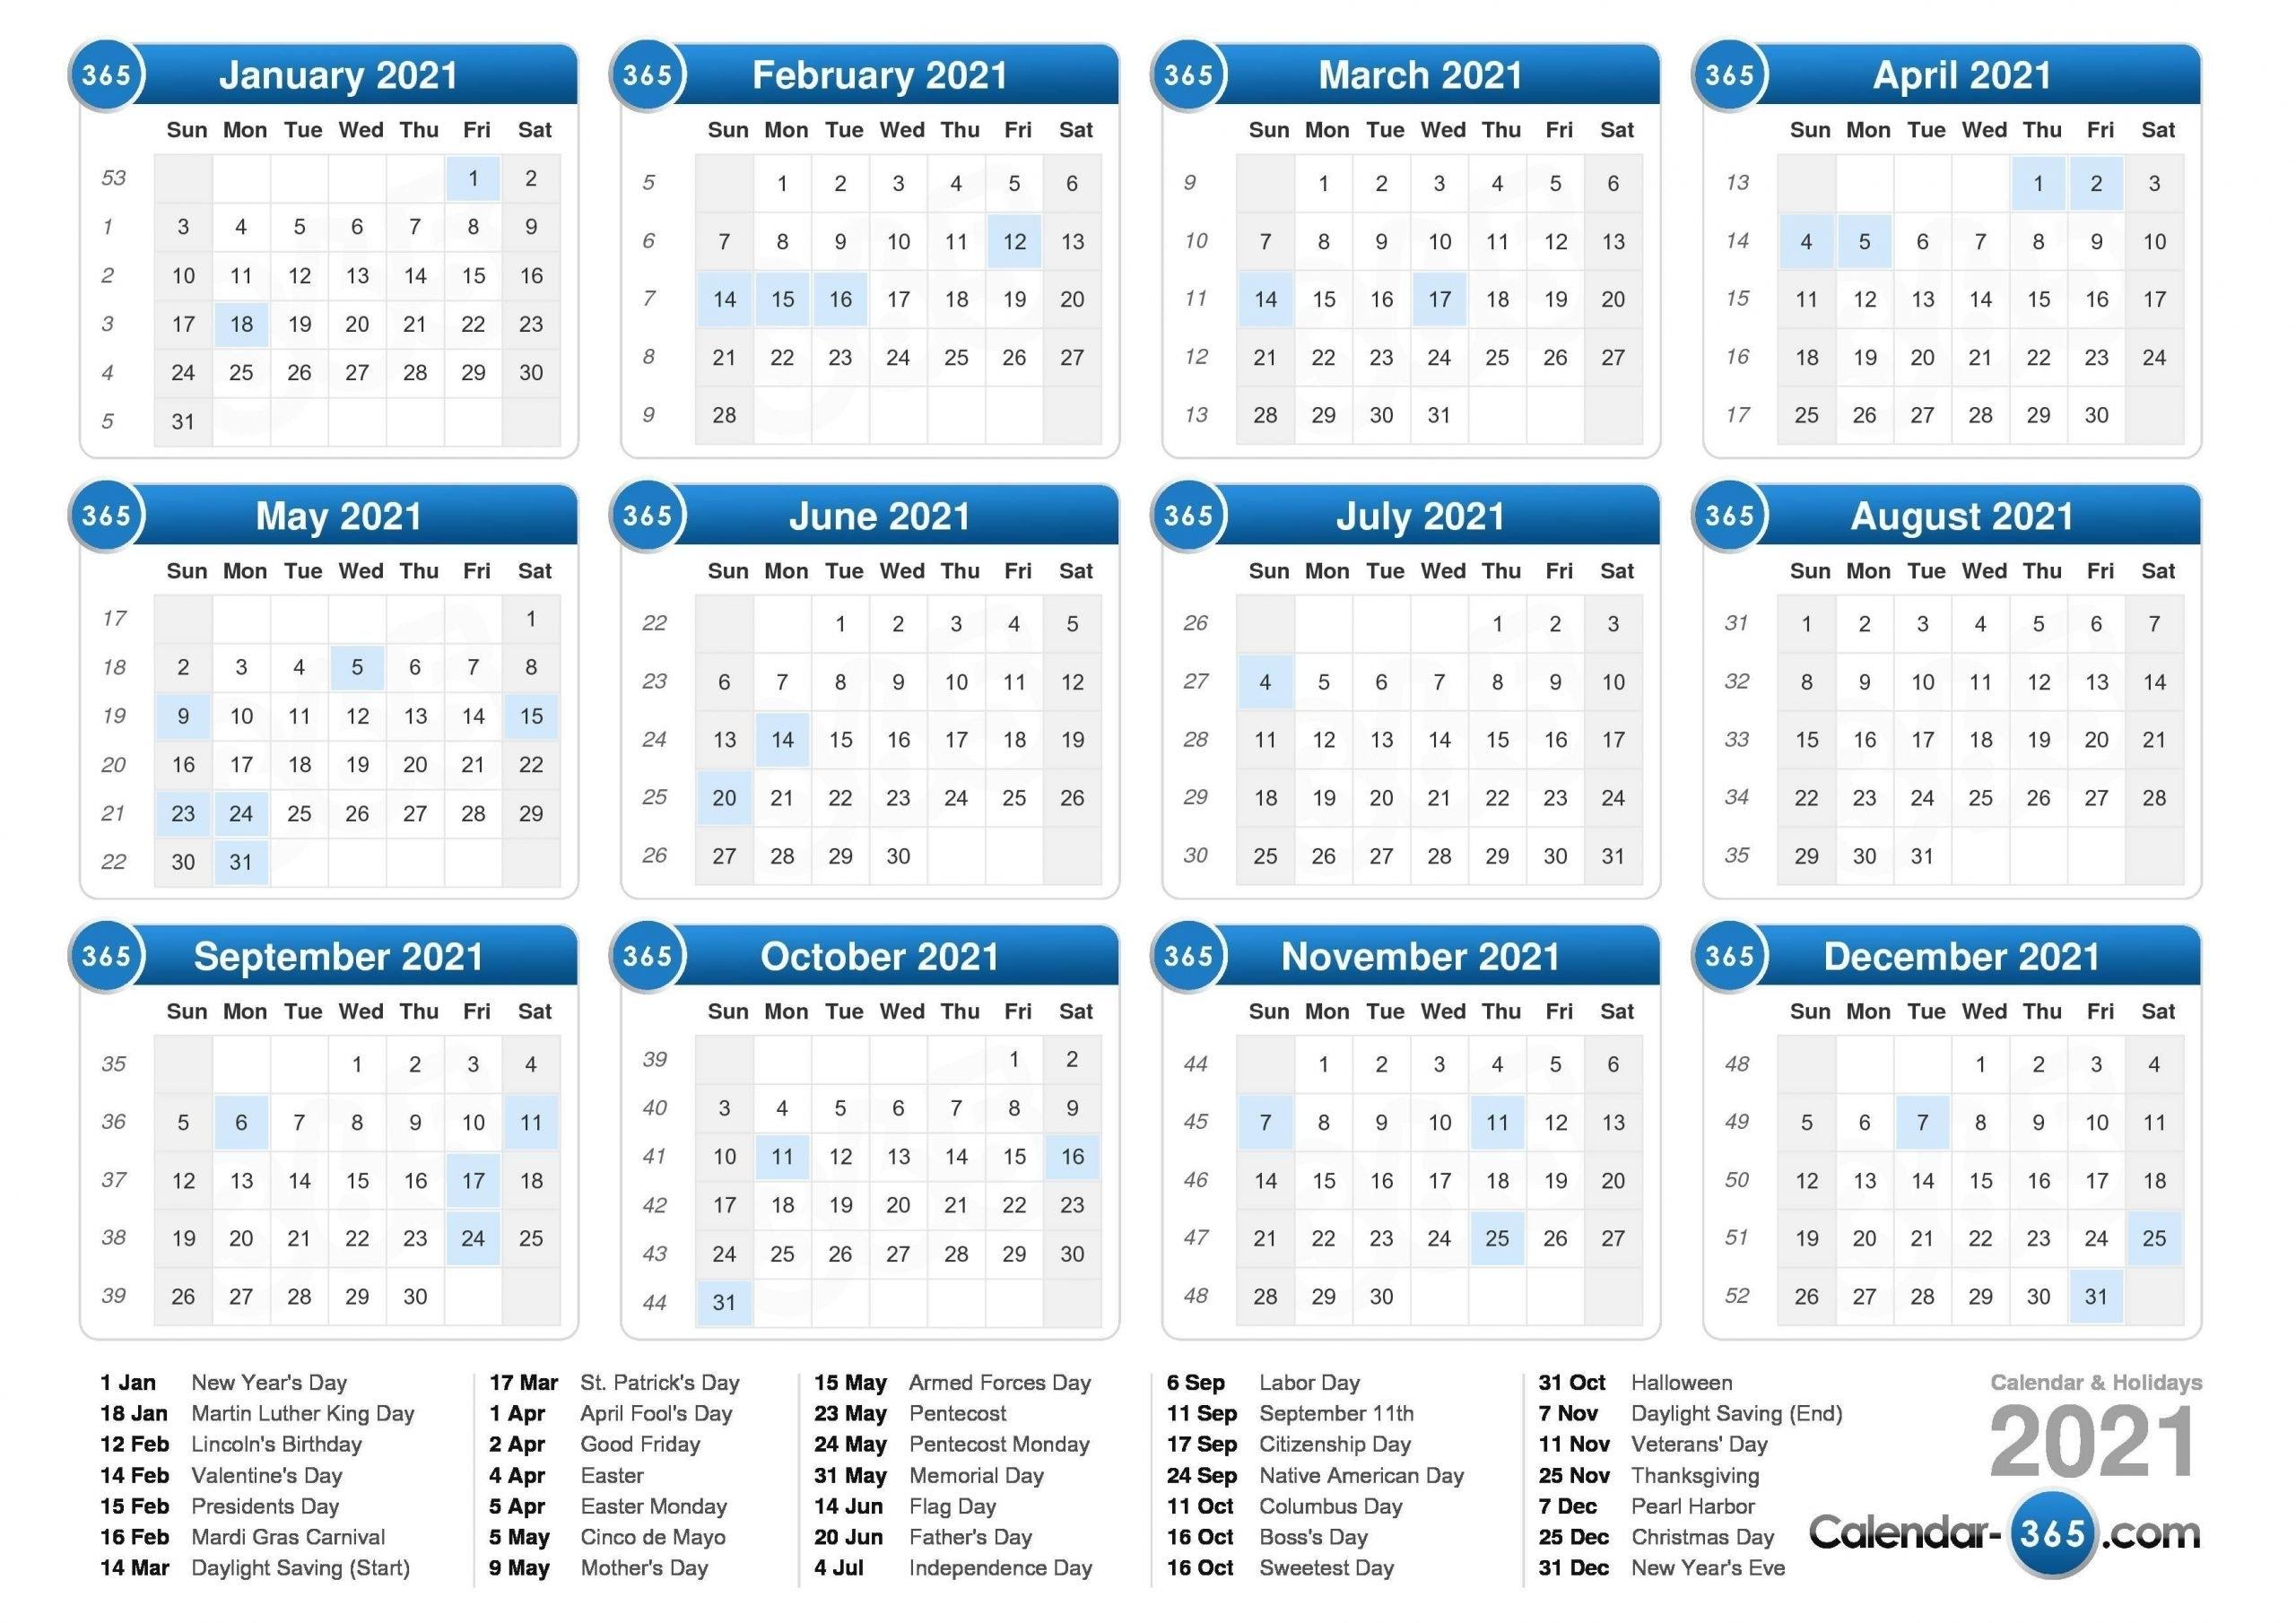 Julien Code 2021 - Template Calendar Design with Calendar 2021 With Julian Date